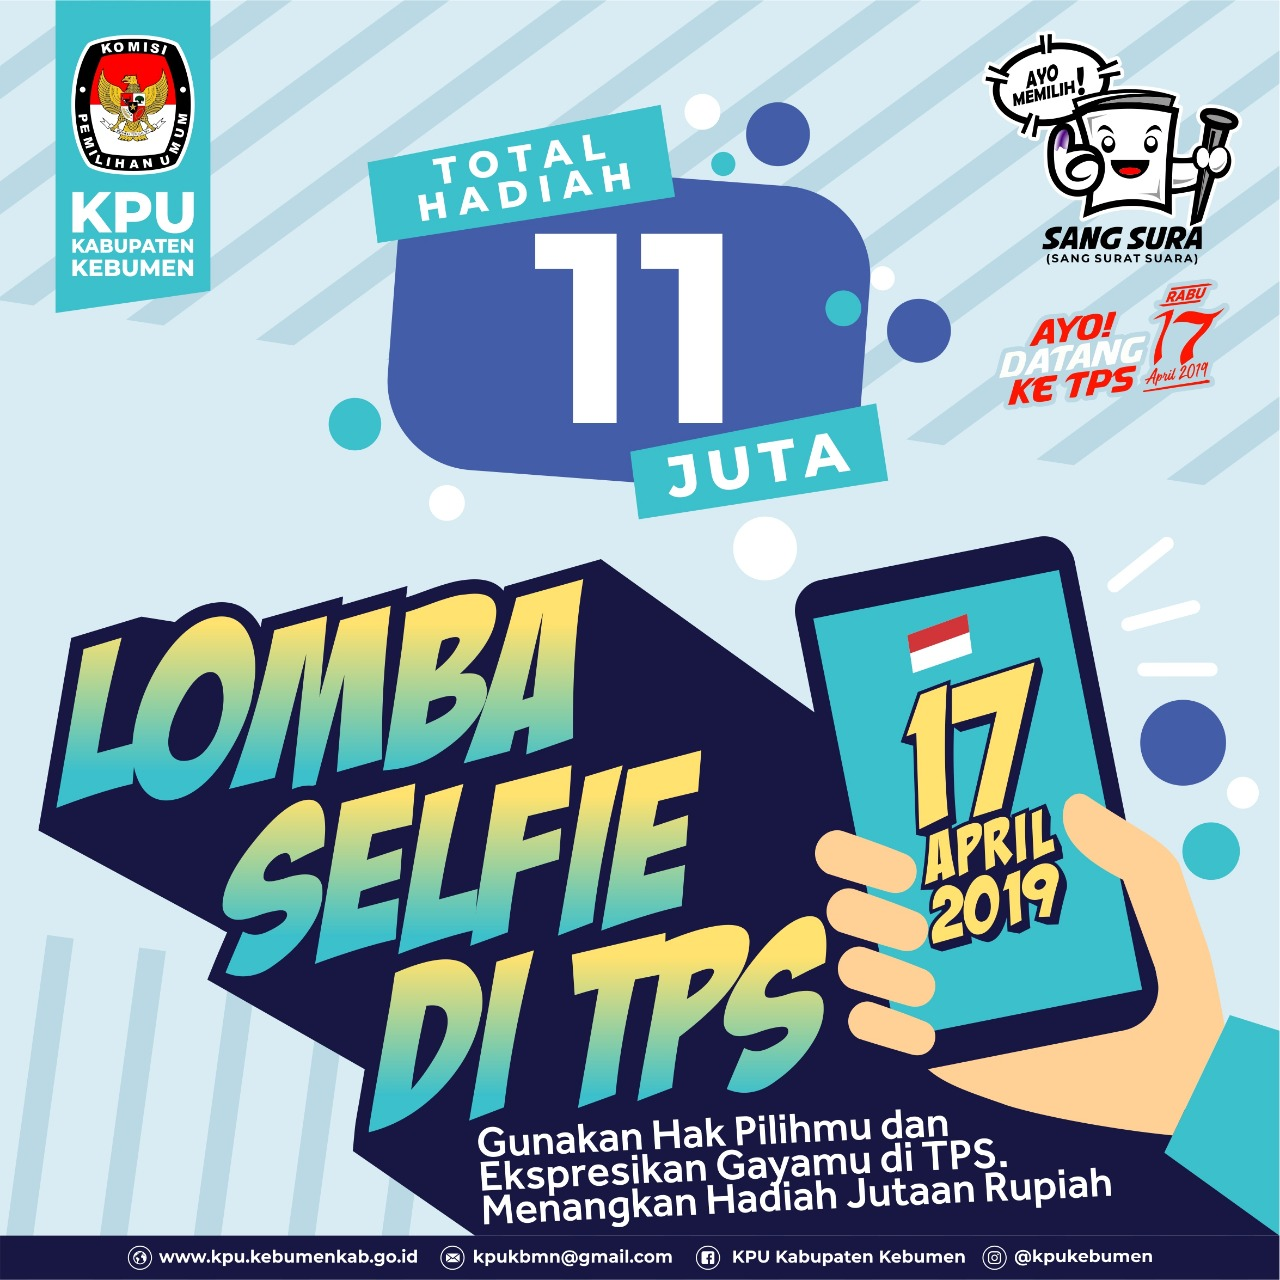 Usai Coblosan, KPU Kebumen Gelar Lomba Selfi Berhadiah Total Rp 11 Juta